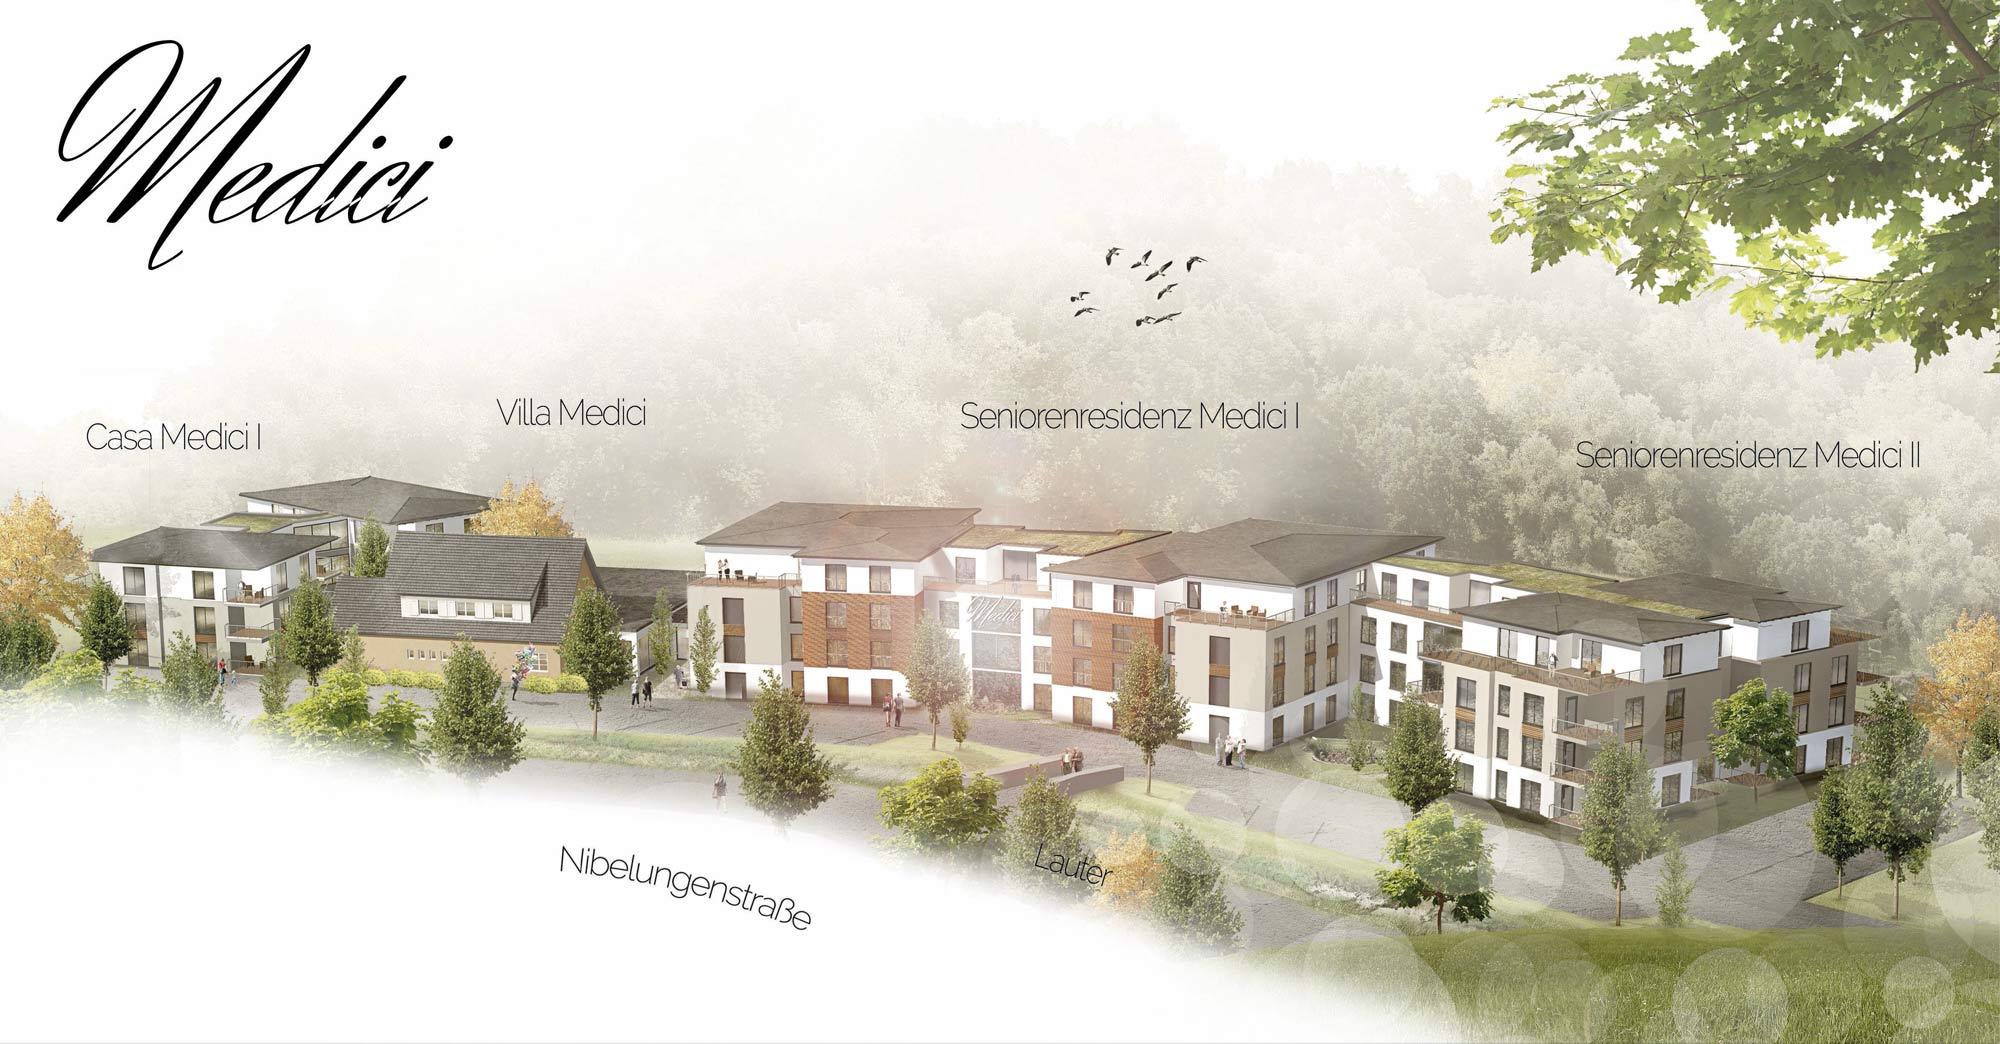 Seniorenzentrum-Bensheim_Visualisierung